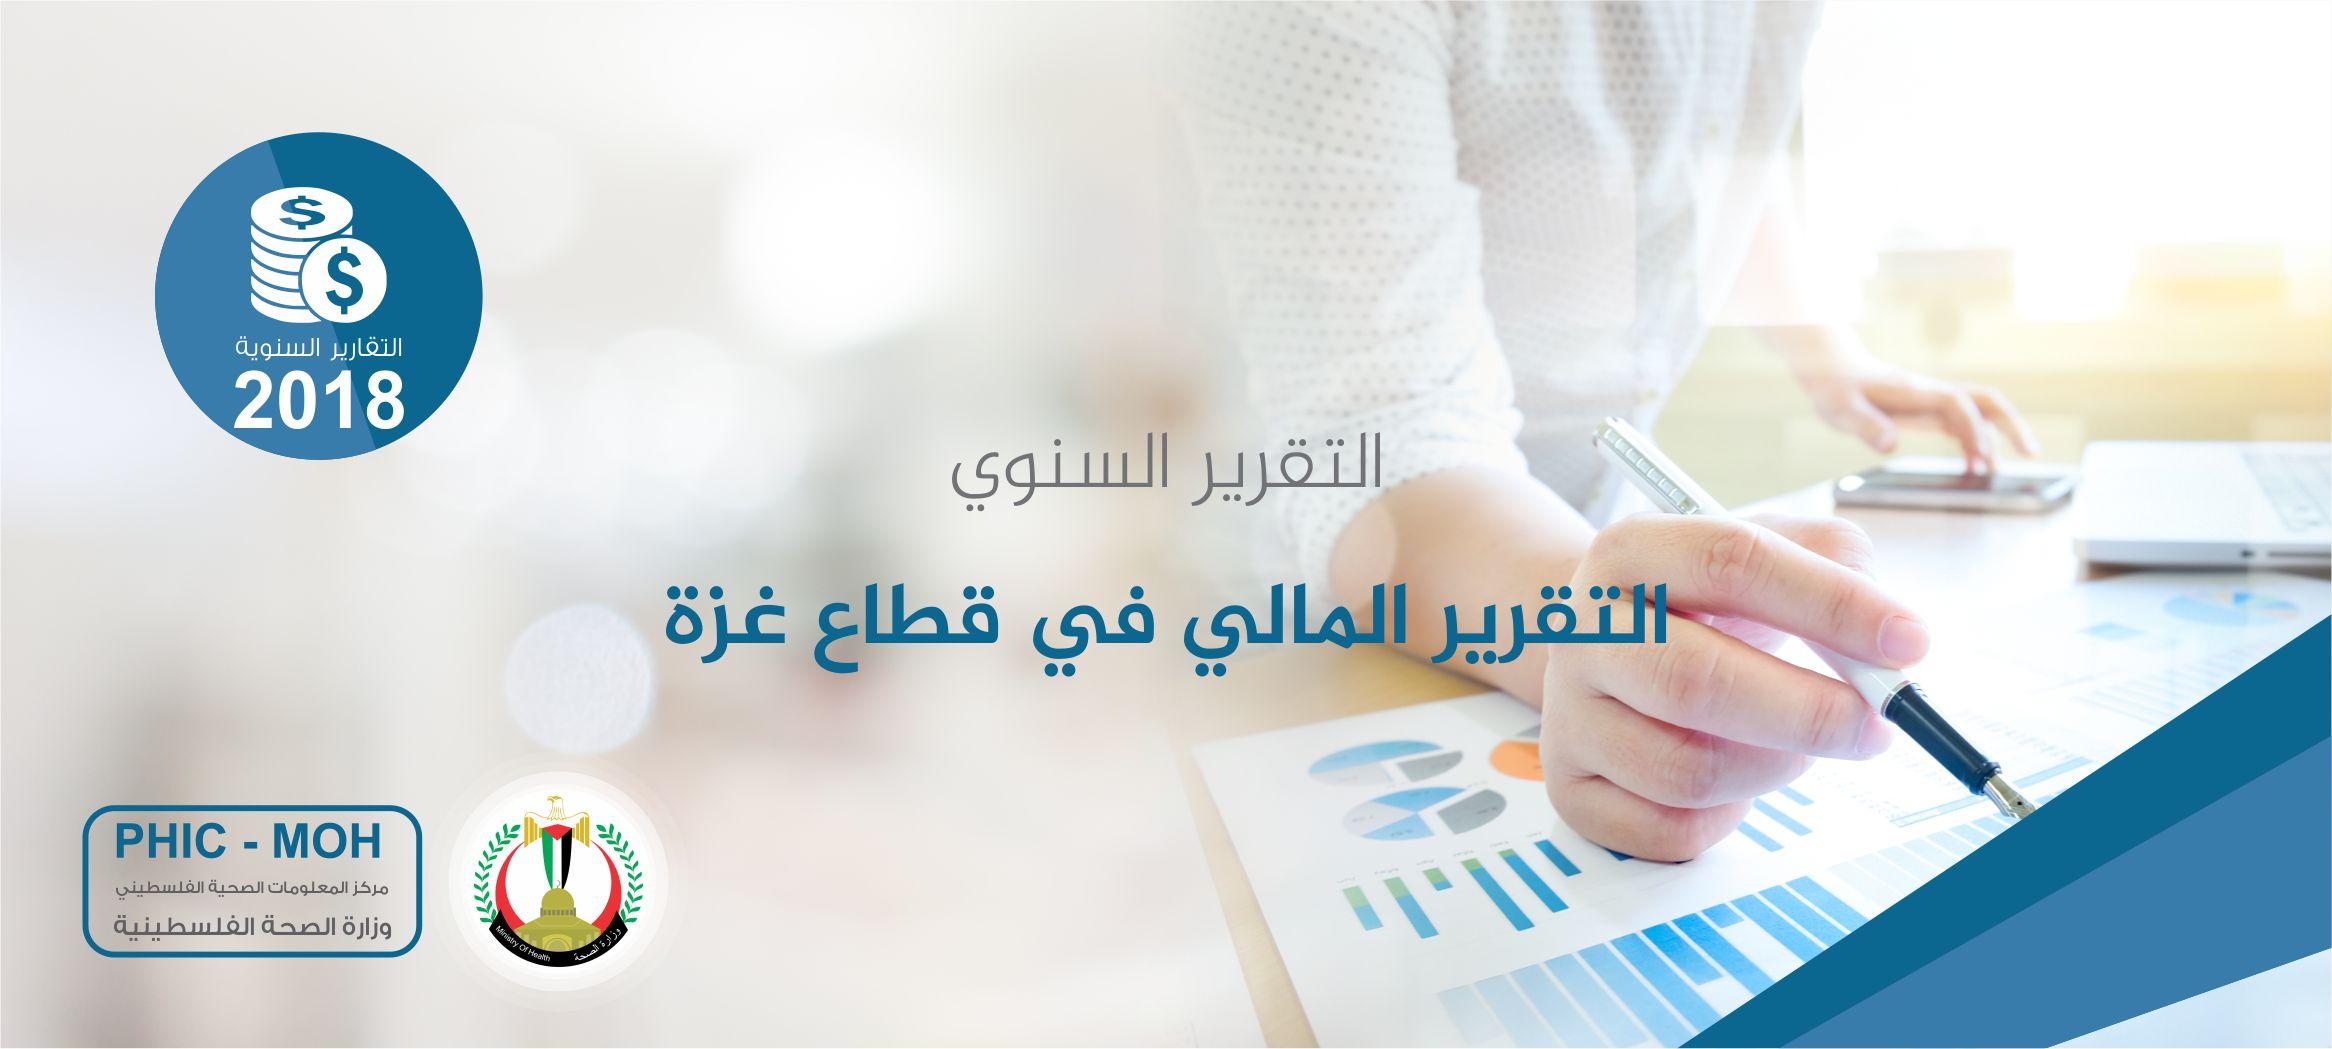 التقرير السنوي المالي – قطاع غزة لعام 2018 مركز المعلومات الصحية الفلسطيني